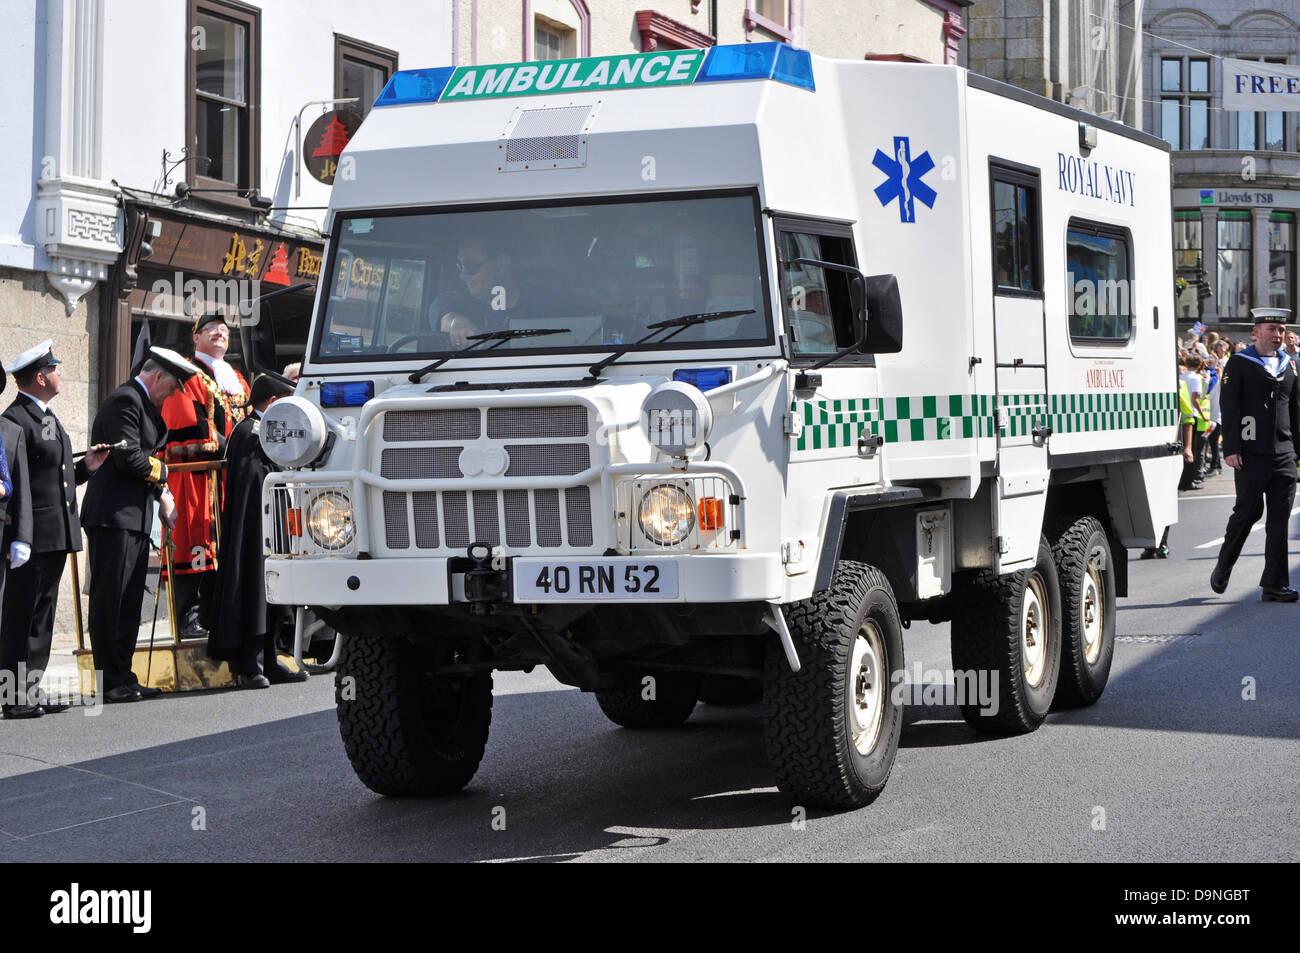 A Royal Navy ambulance - Stock Image